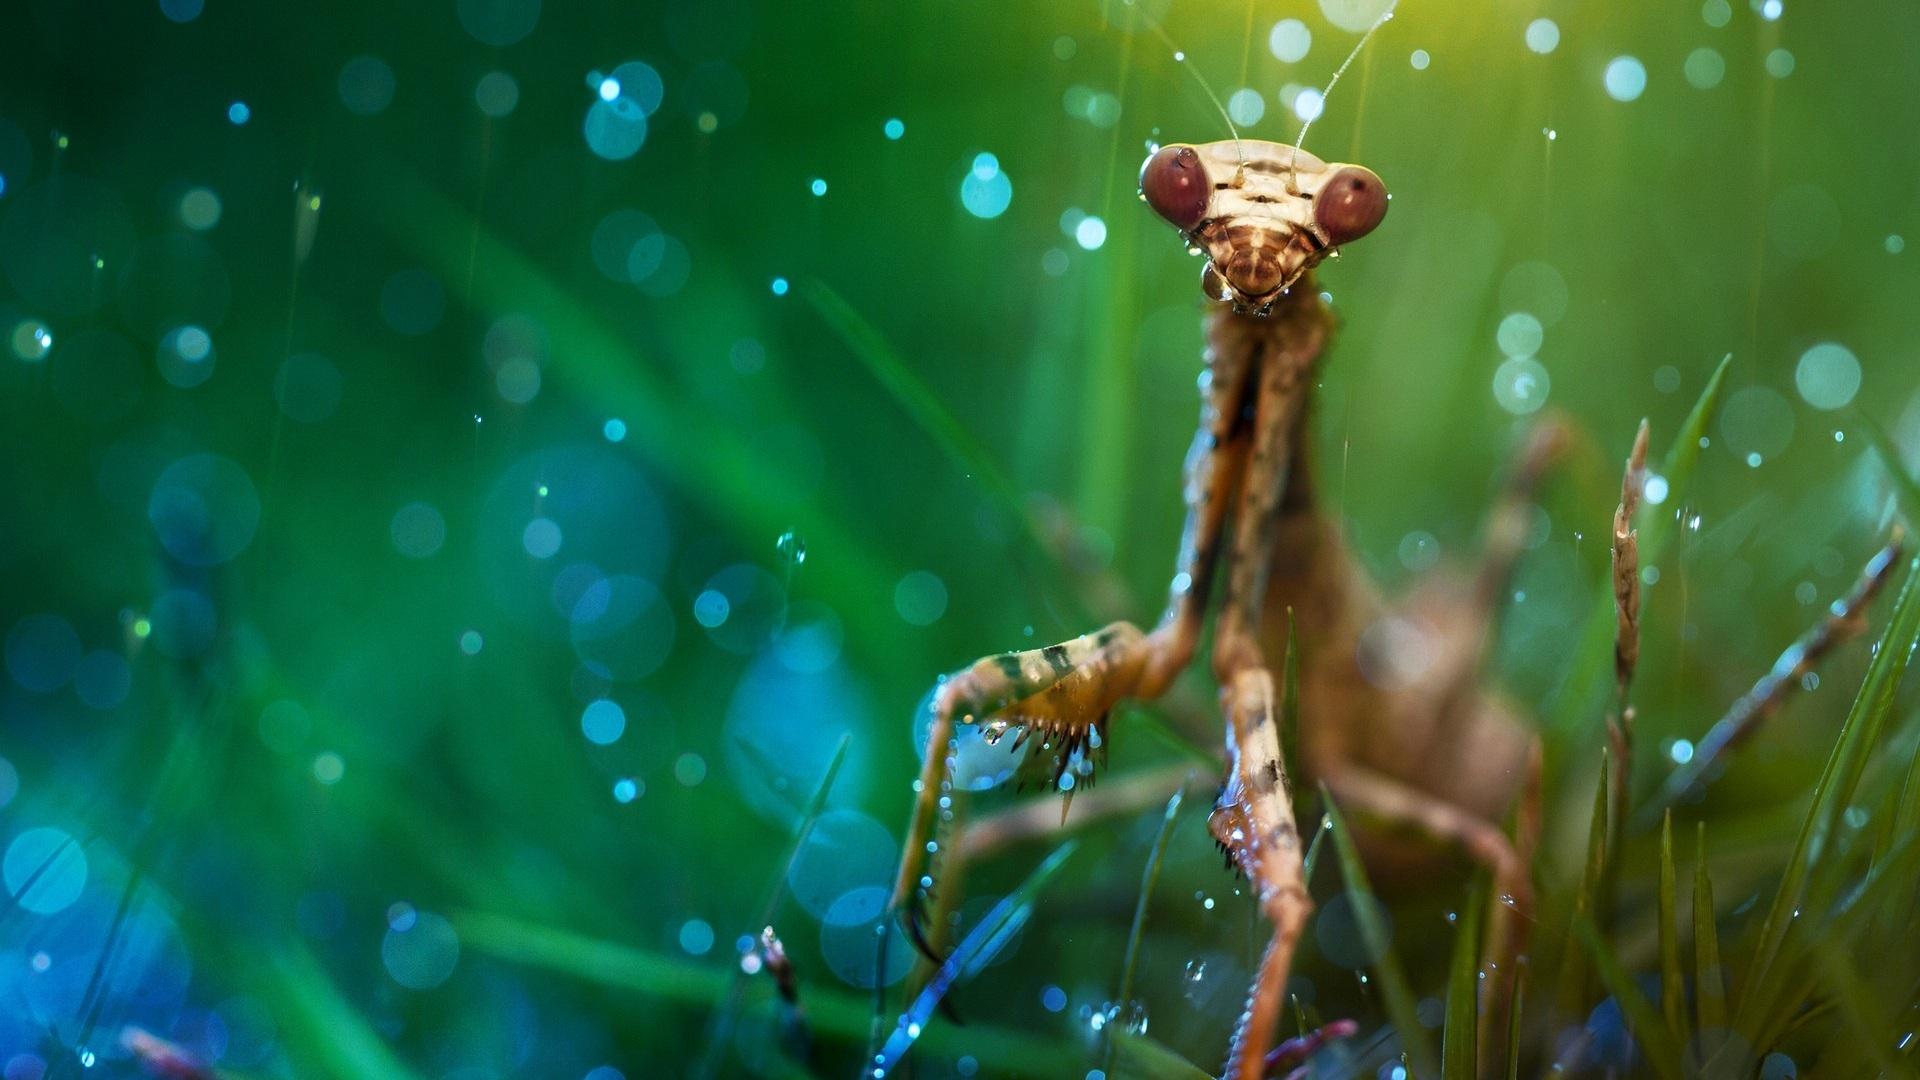 cool praying mantis wallpaper 37736